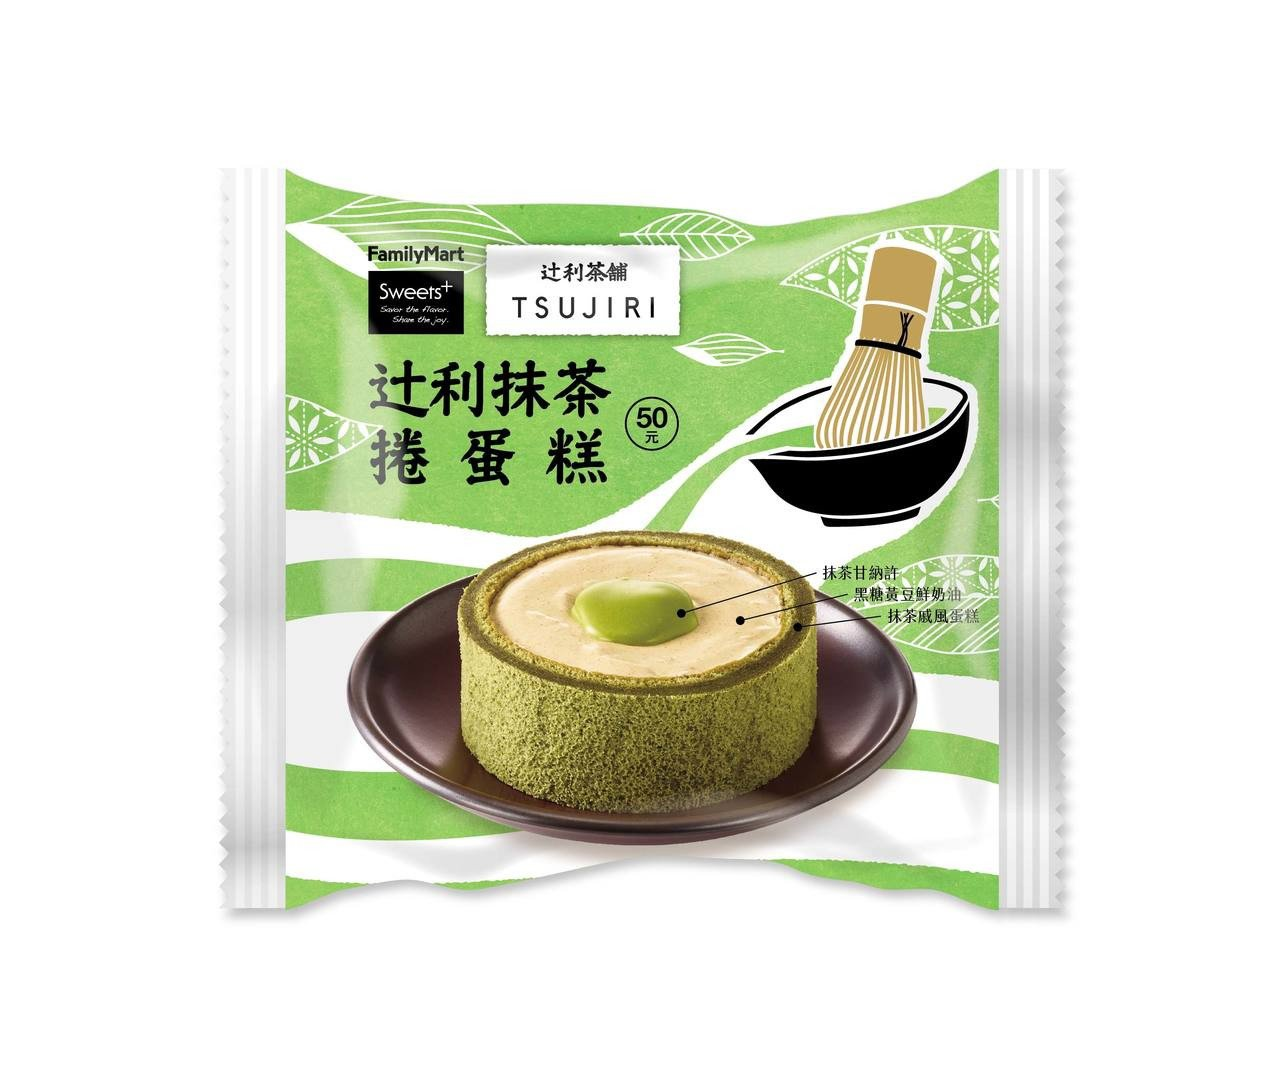 辻利抹茶捲蛋糕4月17日上市,售價50元。圖/全家便利商店提供